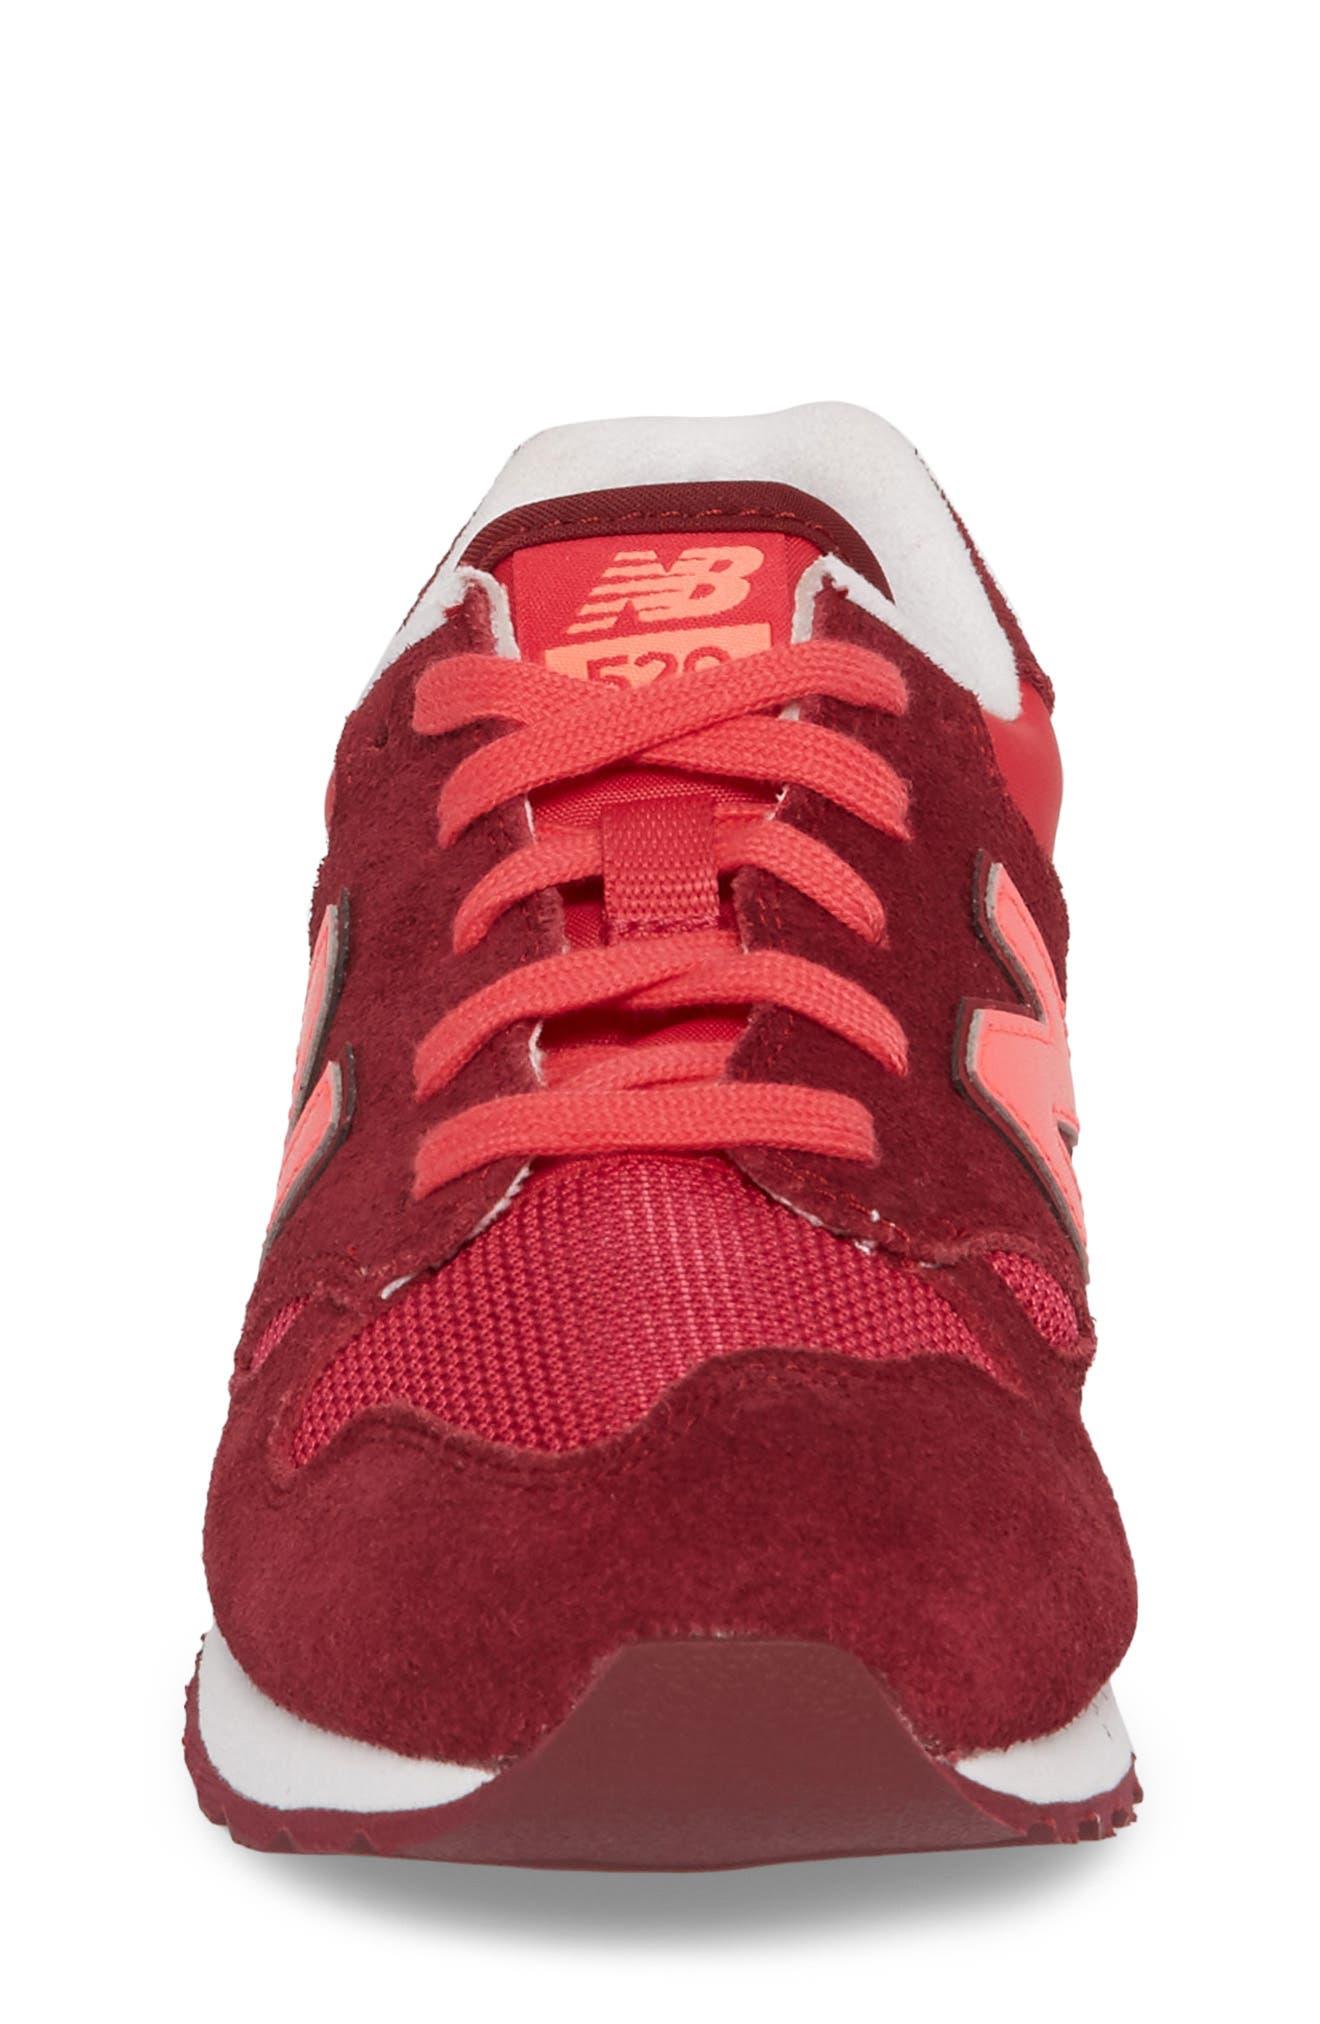 520 Sneaker,                             Alternate thumbnail 4, color,                             655